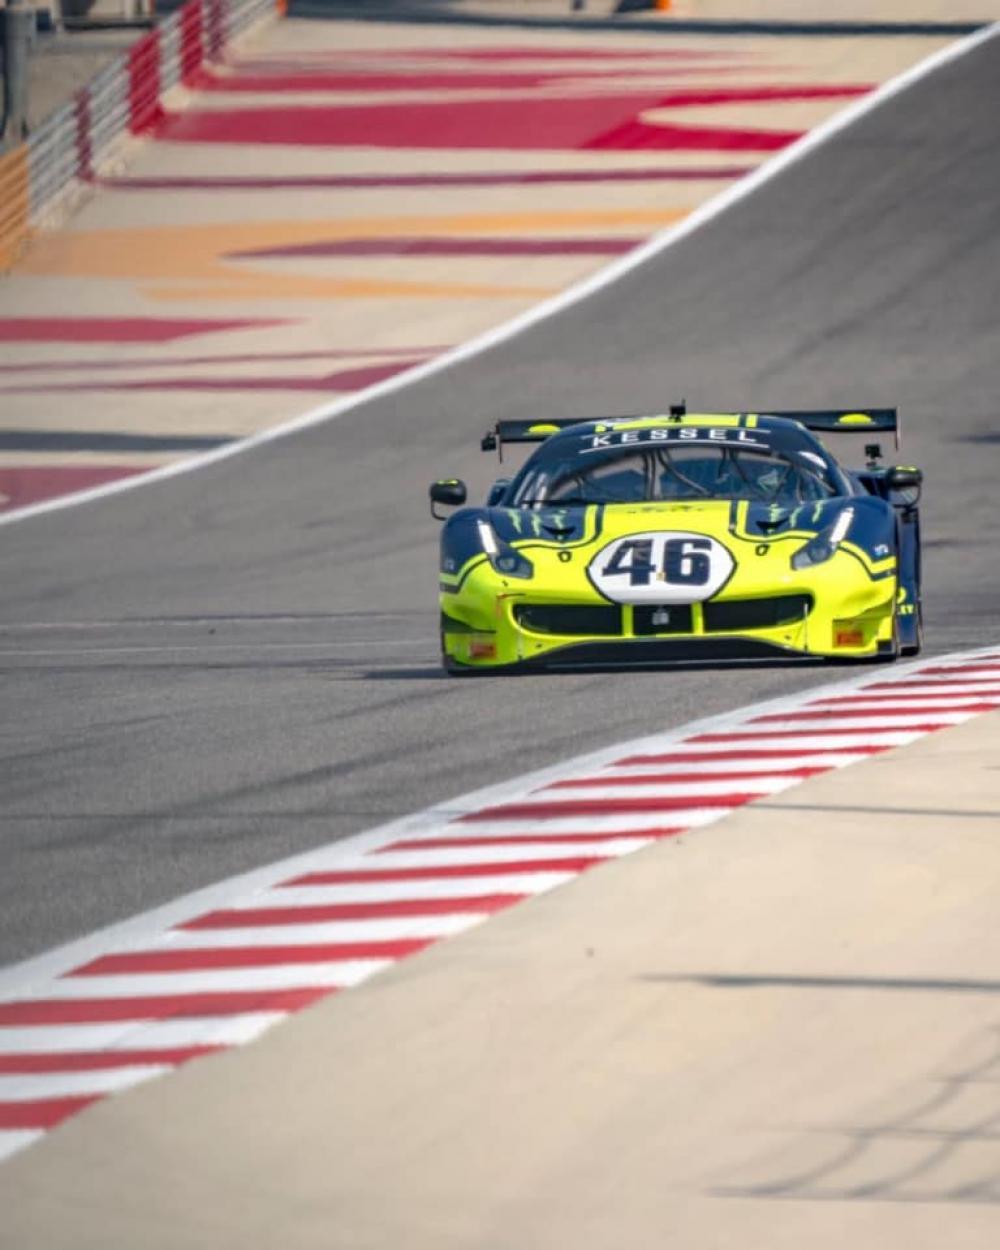 12 Ore del Golfo: Valentino Rossi con la Ferrari terzo nella classe ProAm - Sportmediaset